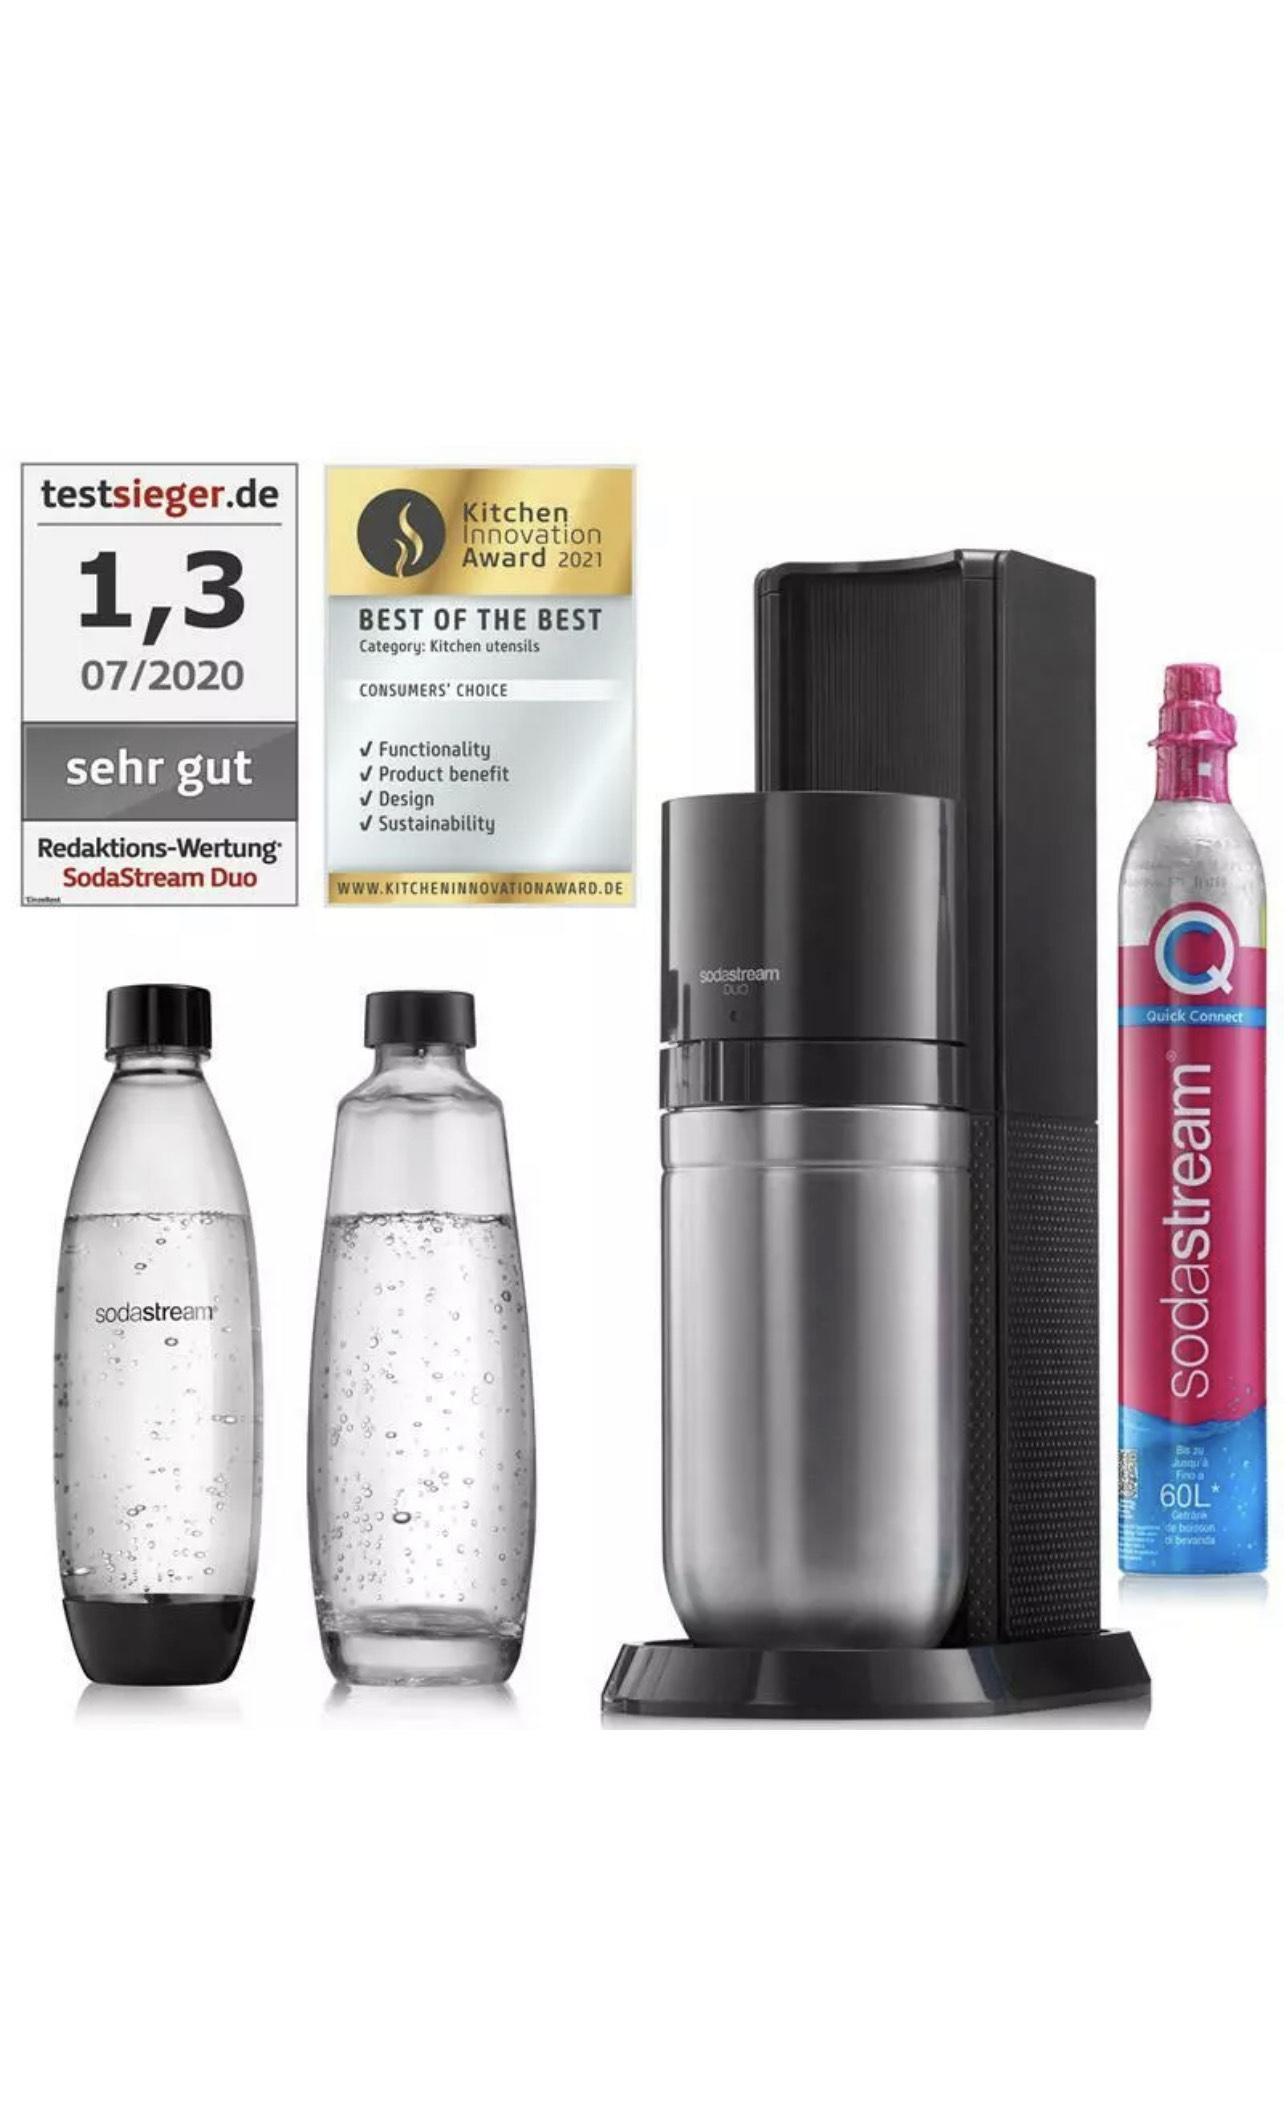 SodaStream Duo Wassersprudler Titan inkl. 1x Glaskaraffe, 1x Kunststoffflasche